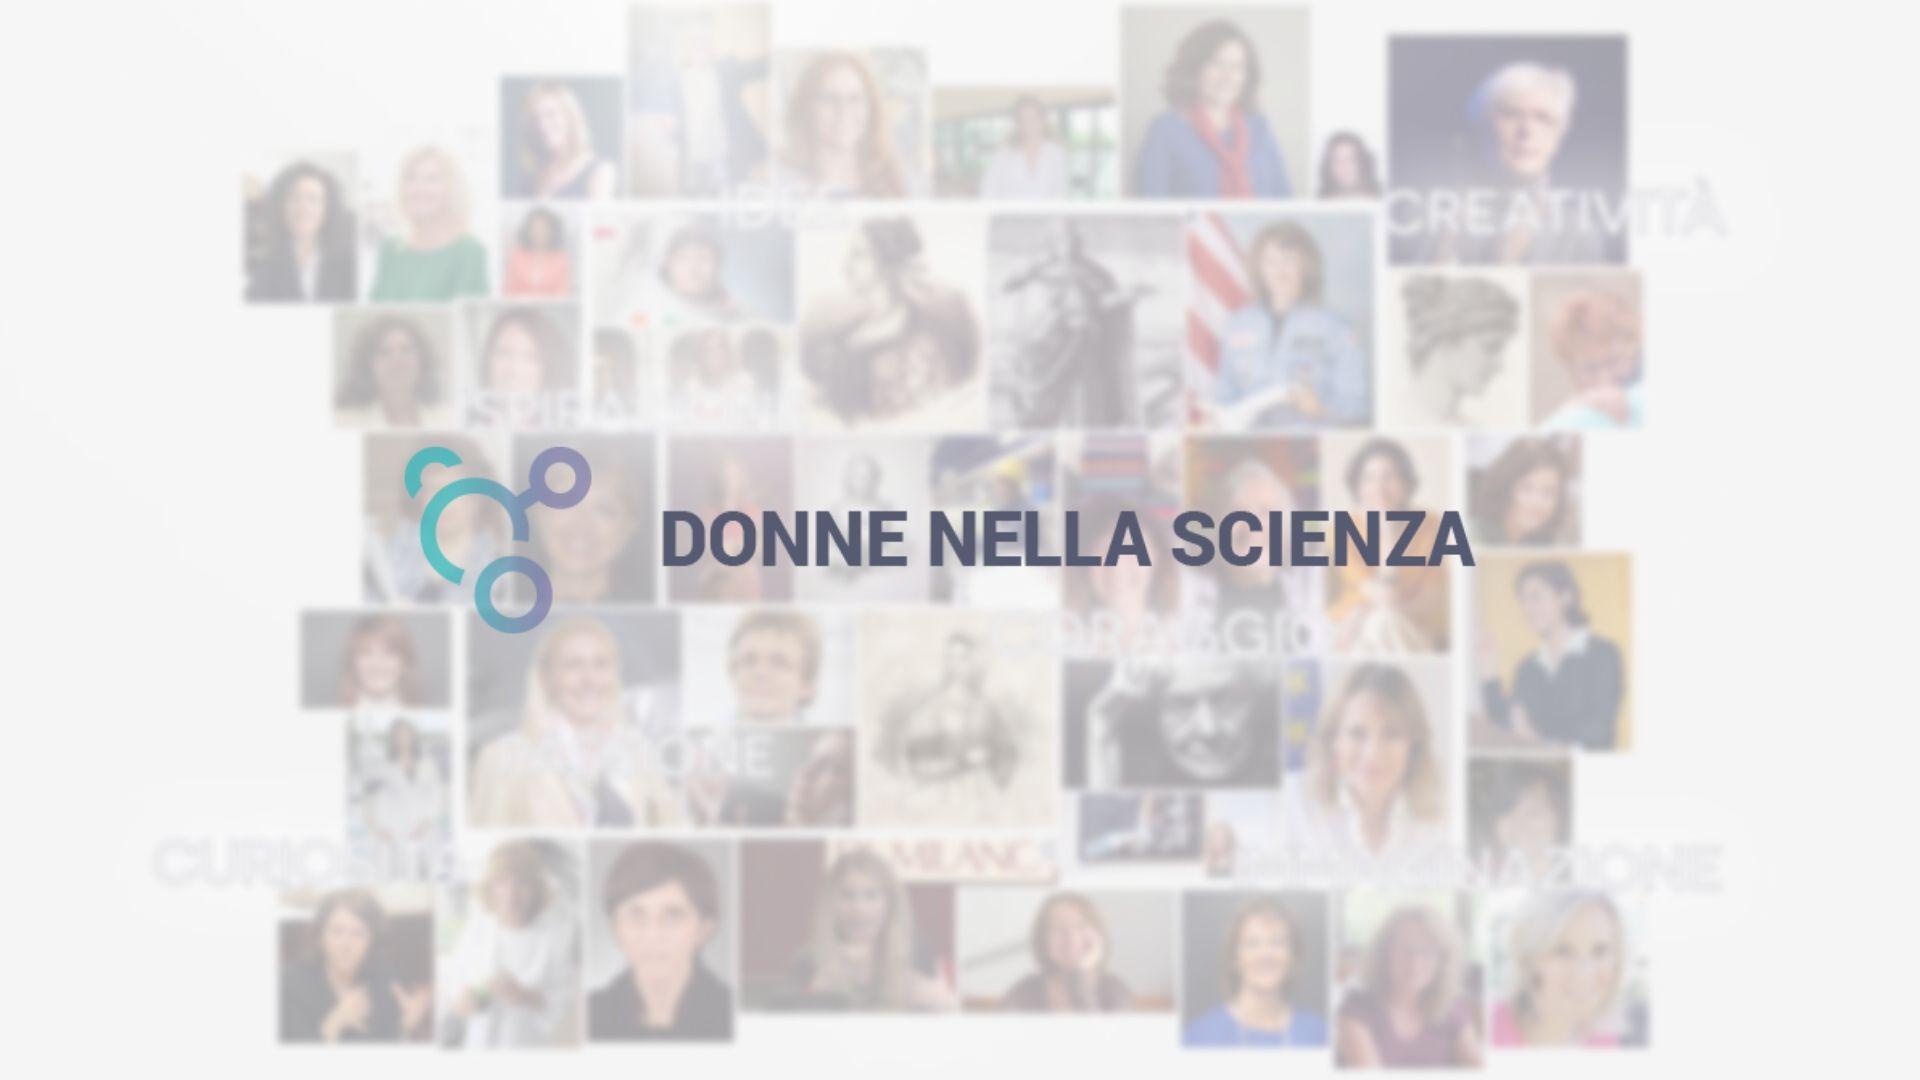 Didael KTS sviluppa il nuovo portale Donne nella Scienza